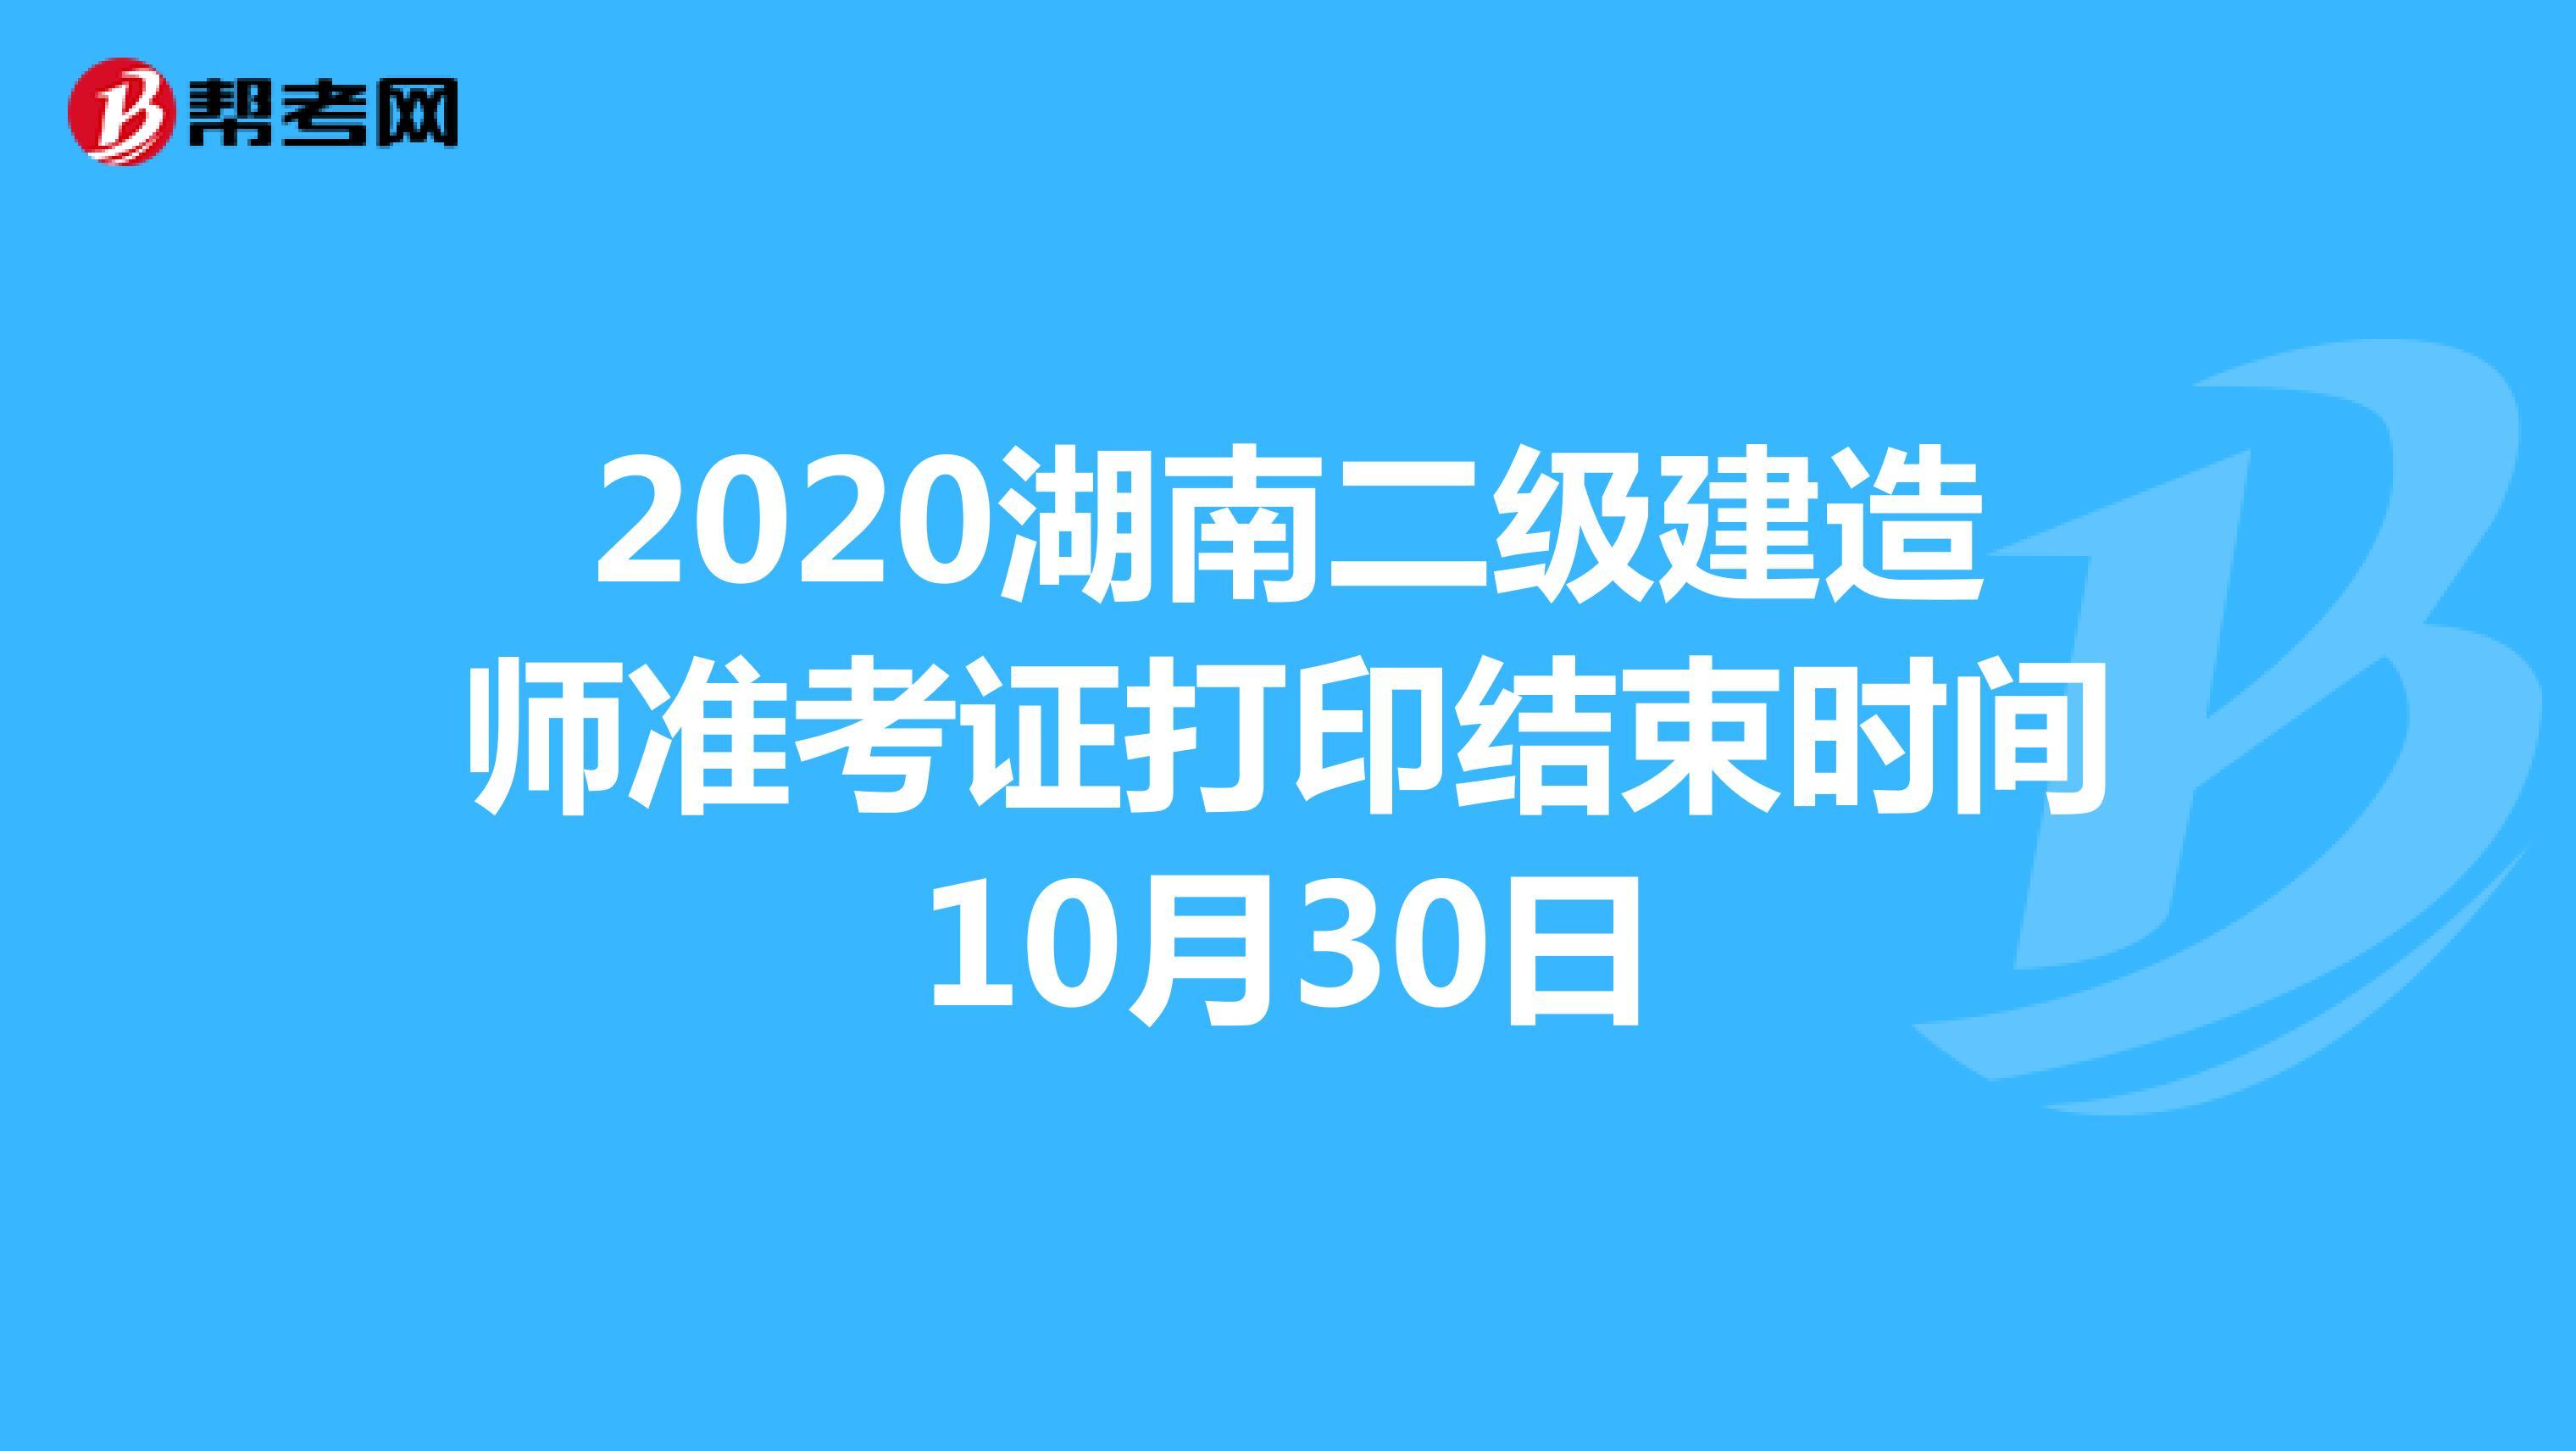 2020湖南二级建造师准考证打印结束时间10月30日